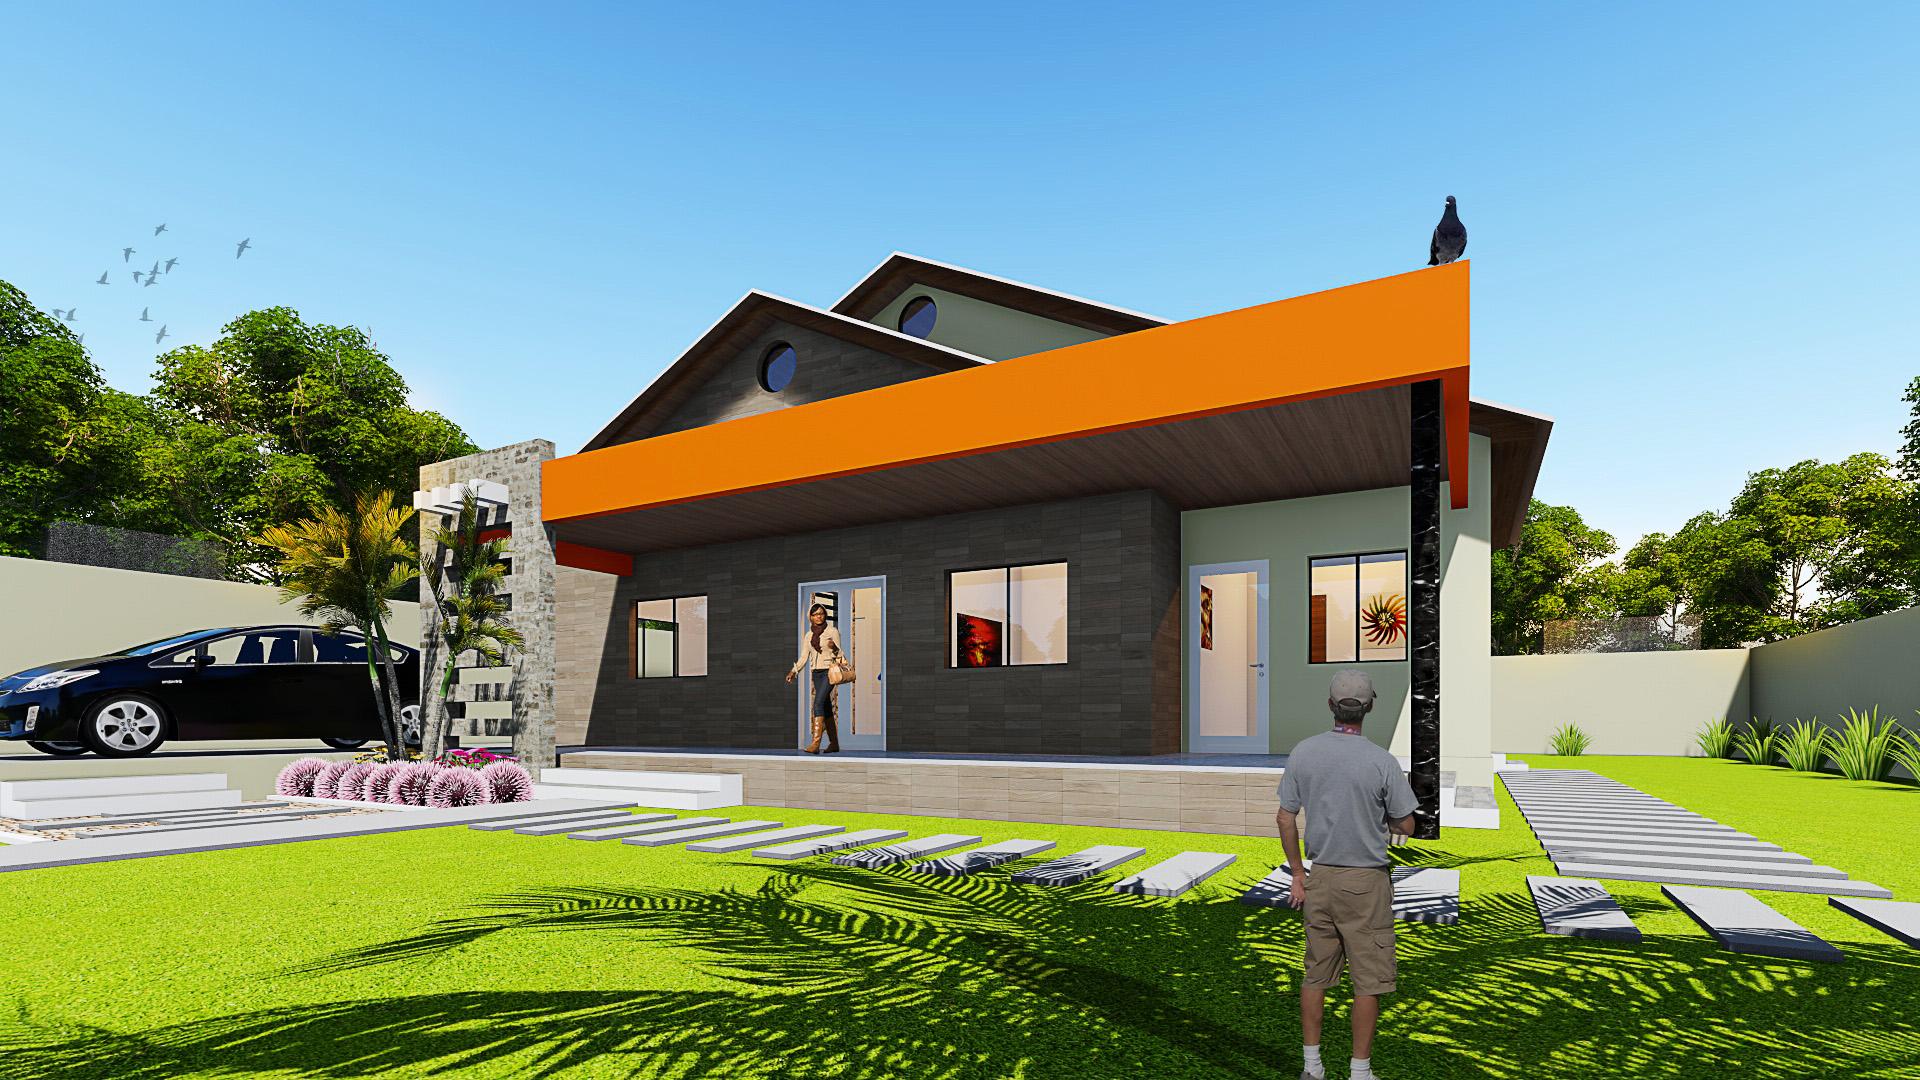 Projets-residentiels-9